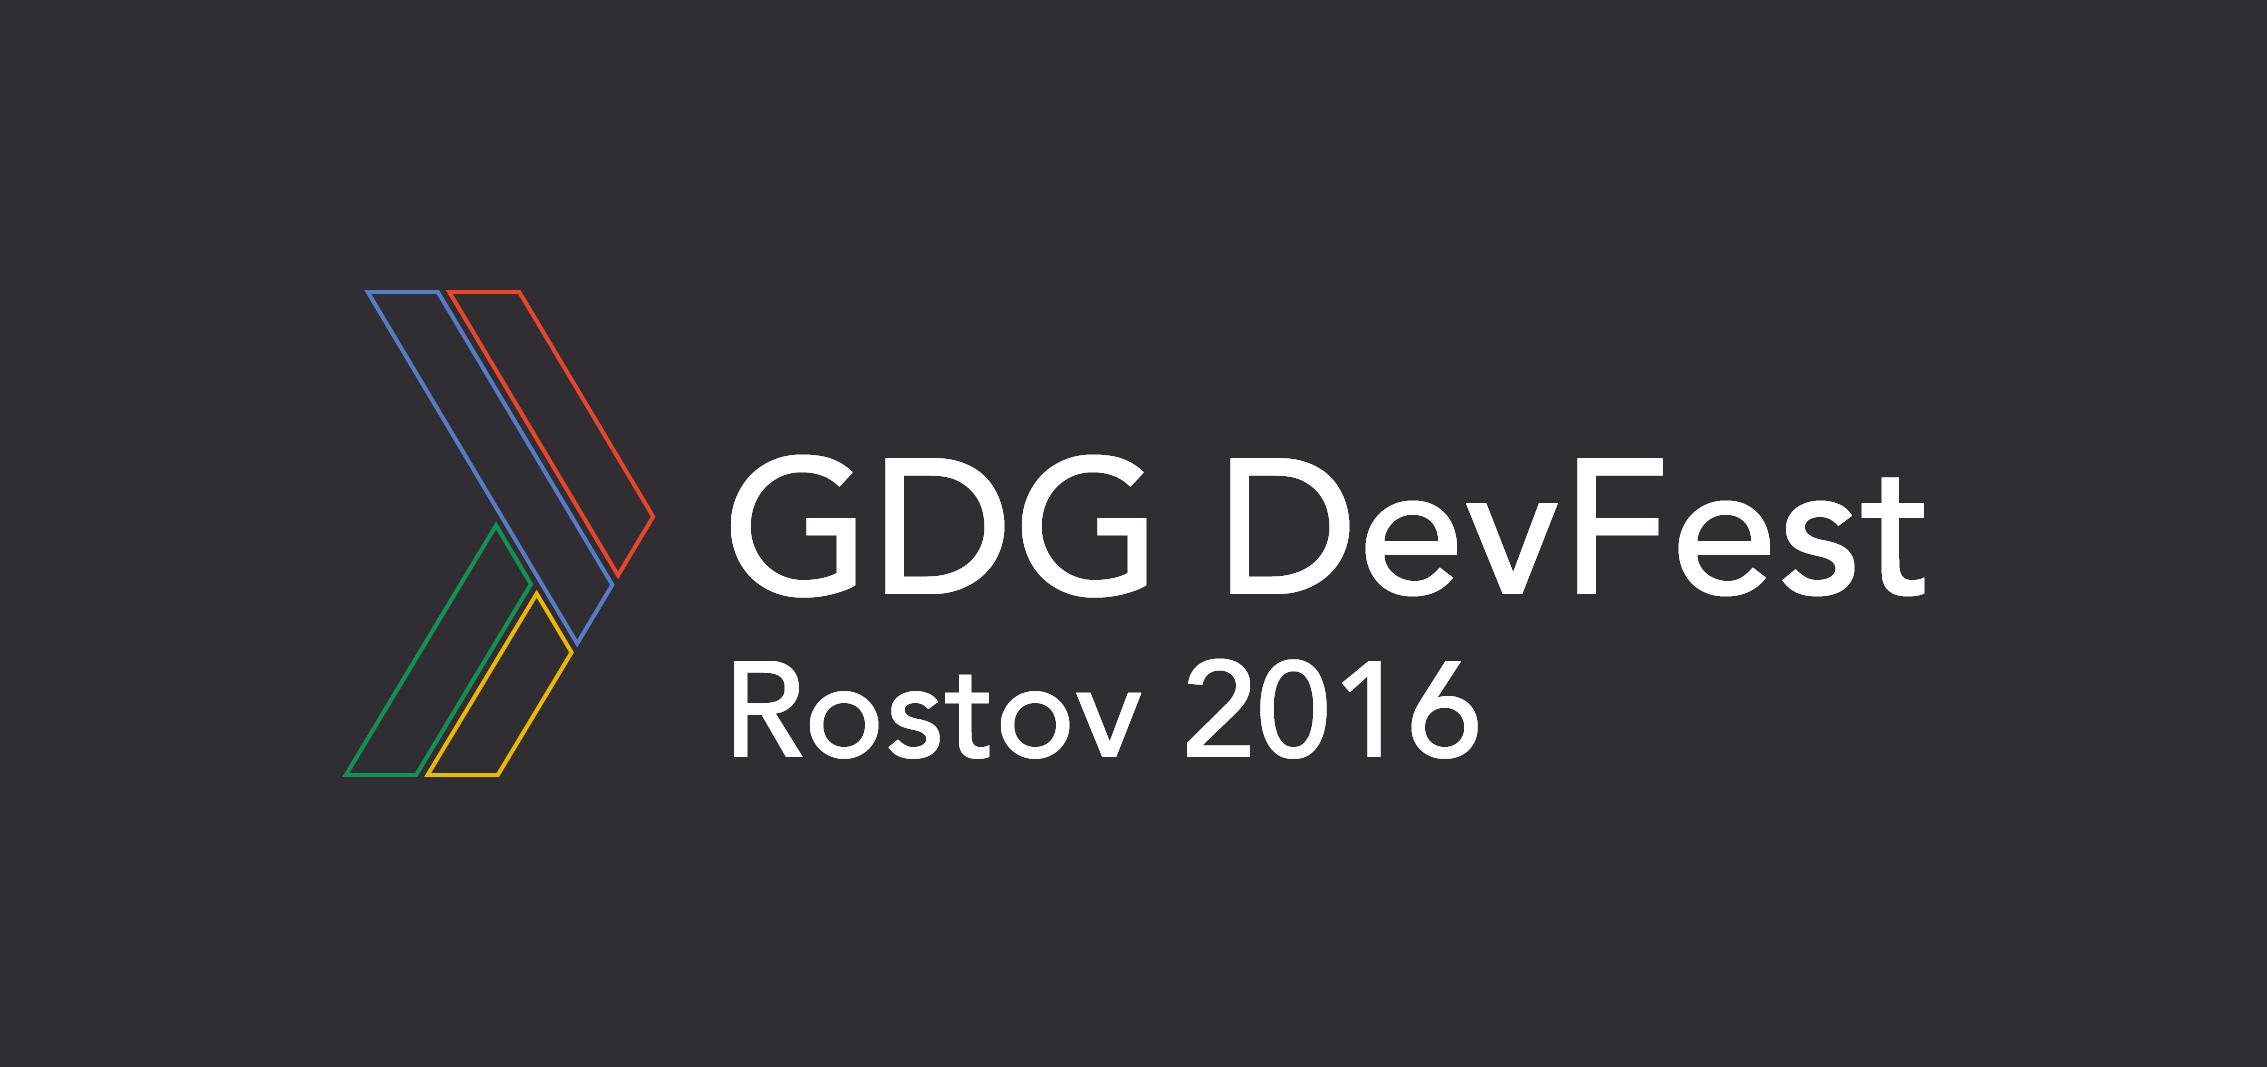 DevFest 2016